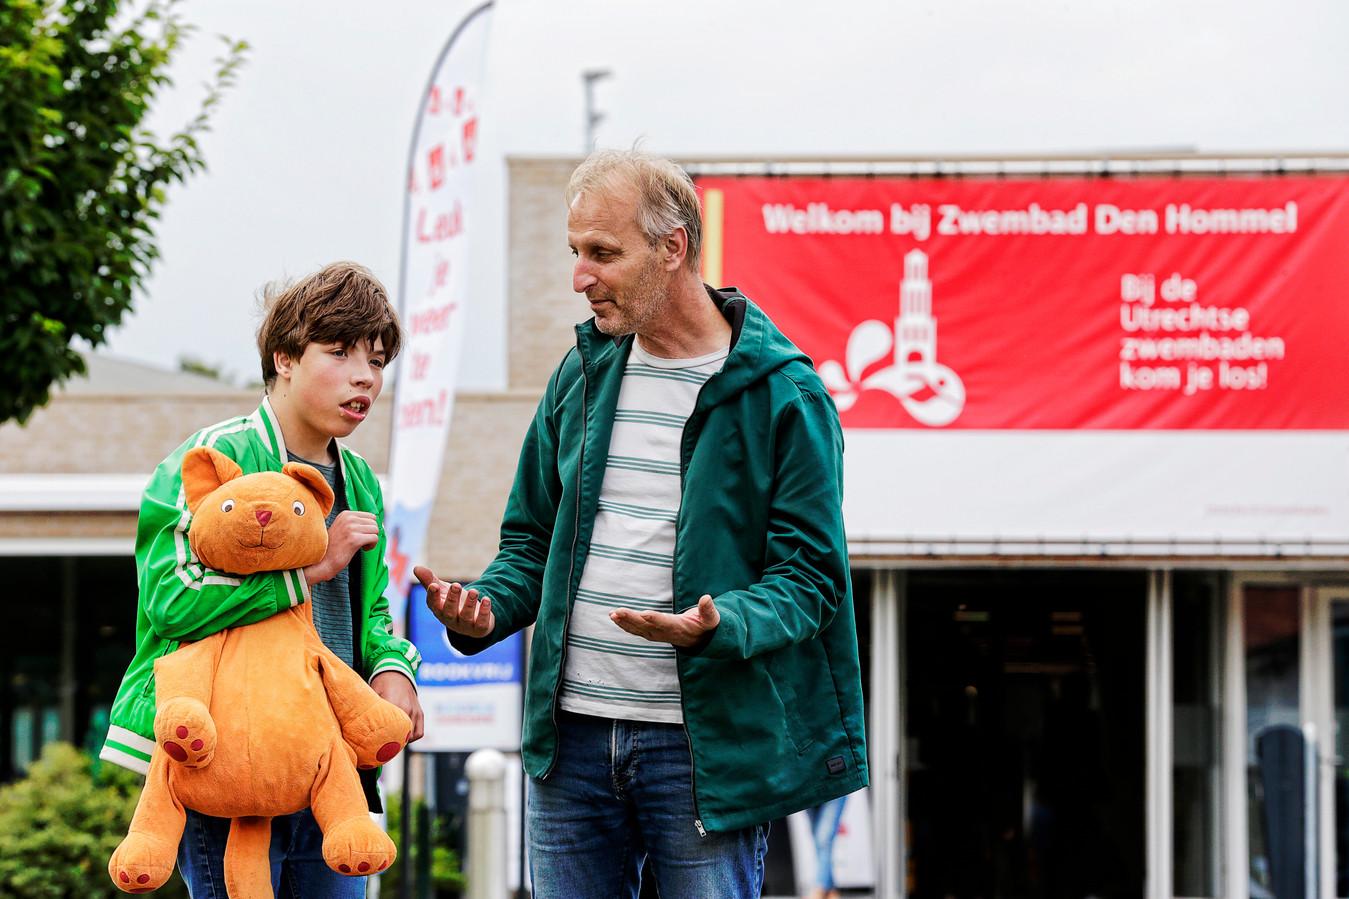 De gehandicapte Sep (13) met zijn vader Bas Agterberg voor de ingang van zwembad Den Hommel. Sep mocht onlangs niet in het zwembad, ondanks de aanwezigheid van een professionele begeleider.